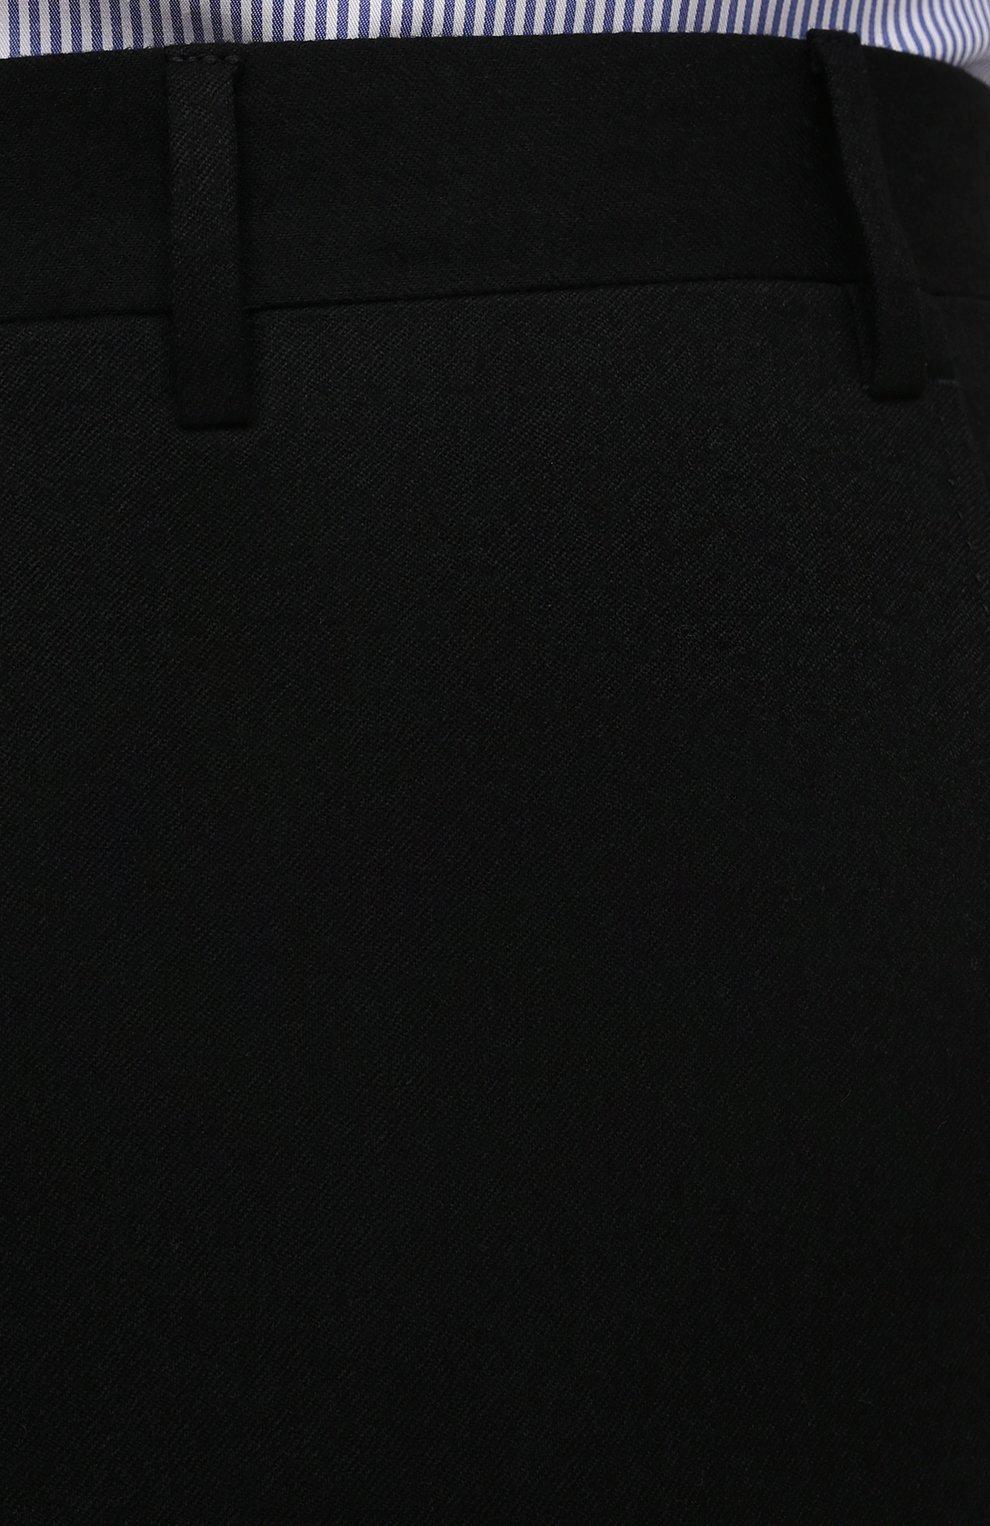 Мужские шерстяные брюки CORNELIANI черного цвета, арт. 885B01-1818111/02   Фото 5 (Материал внешний: Шерсть; Длина (брюки, джинсы): Стандартные; Стили: Классический; Случай: Формальный; Материал подклада: Вискоза)